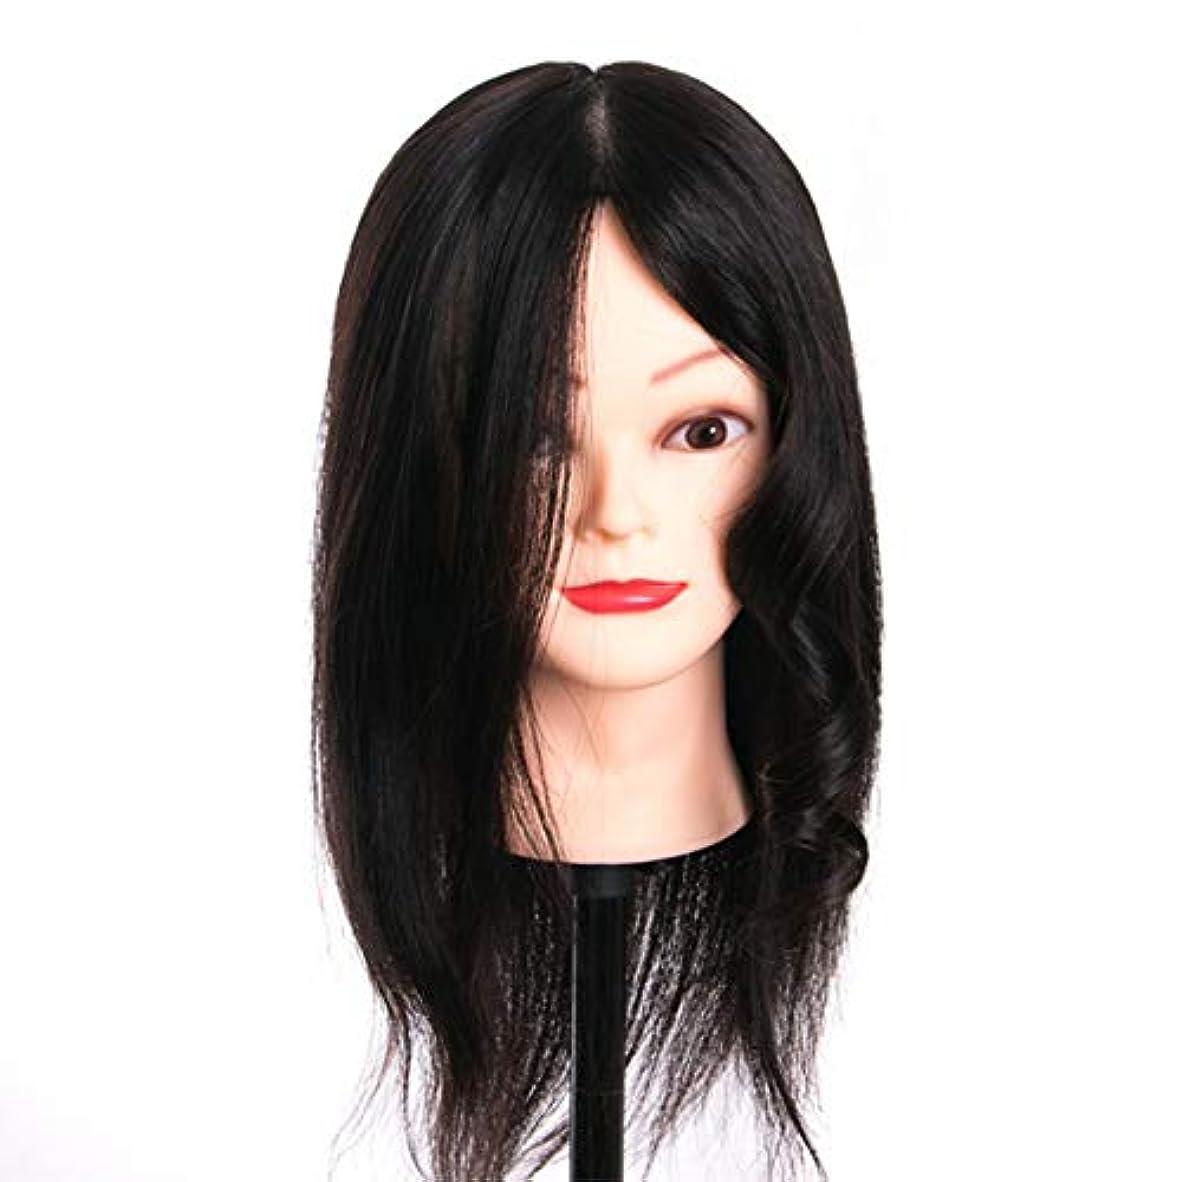 文庫本バングラデシュ関連するメイクディスクヘアスタイリング編み教育ダミーヘッドサロンエクササイズヘッド金型理髪ヘアカットトレーニングかつら3個